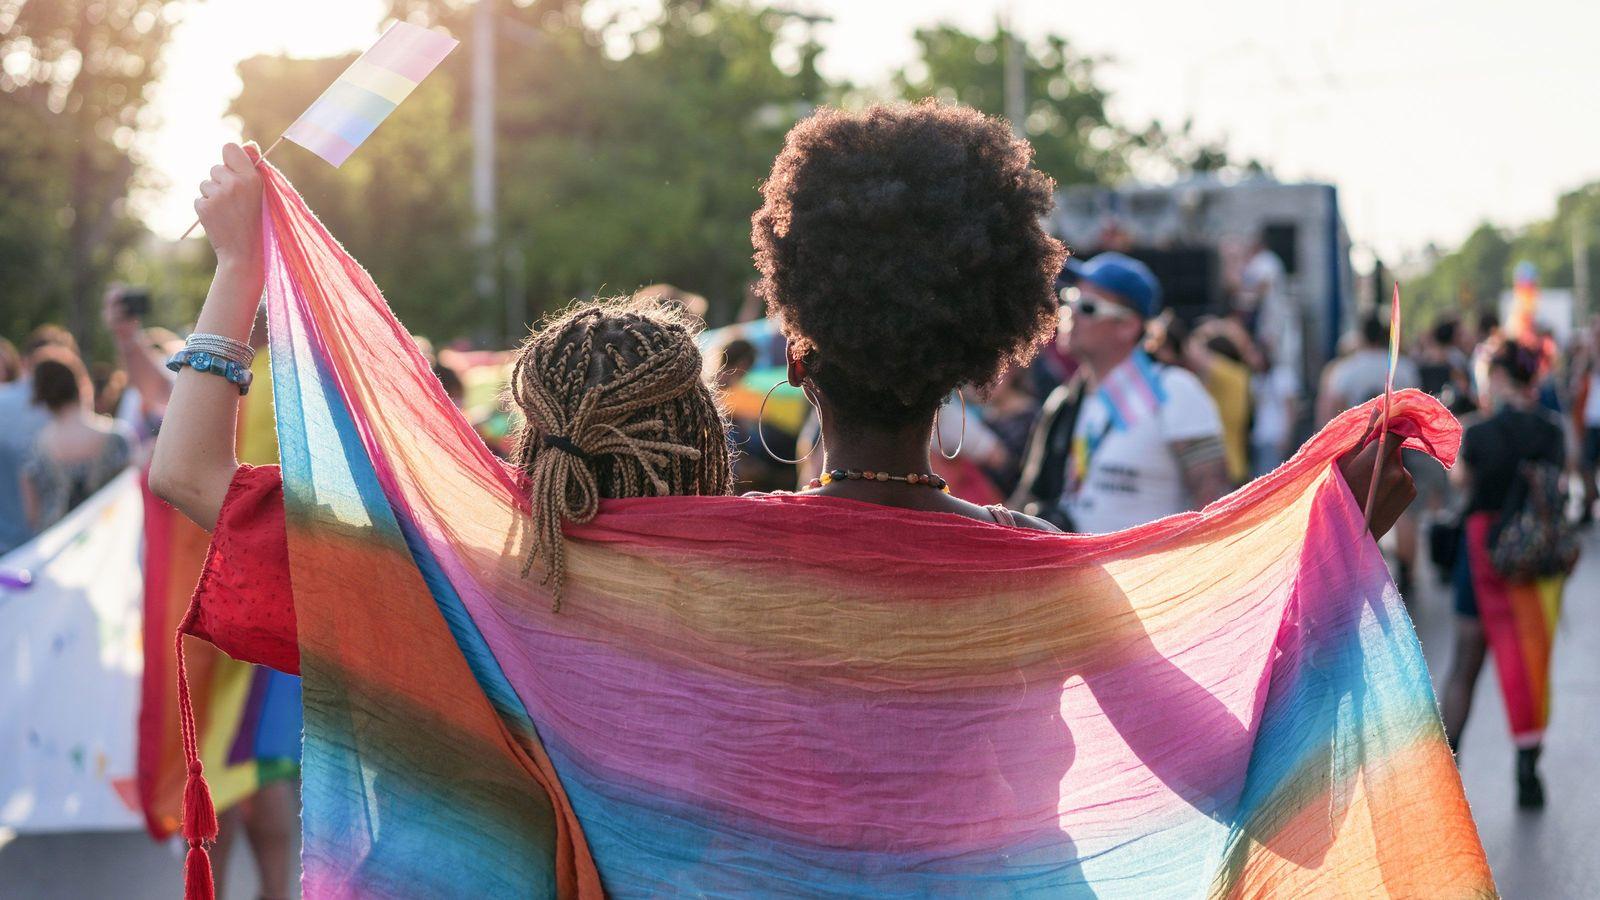 「LGBTの差別禁止条例」がむしろさらなる差別を招くという矛盾 現実社会には「圧倒的解決策」はない